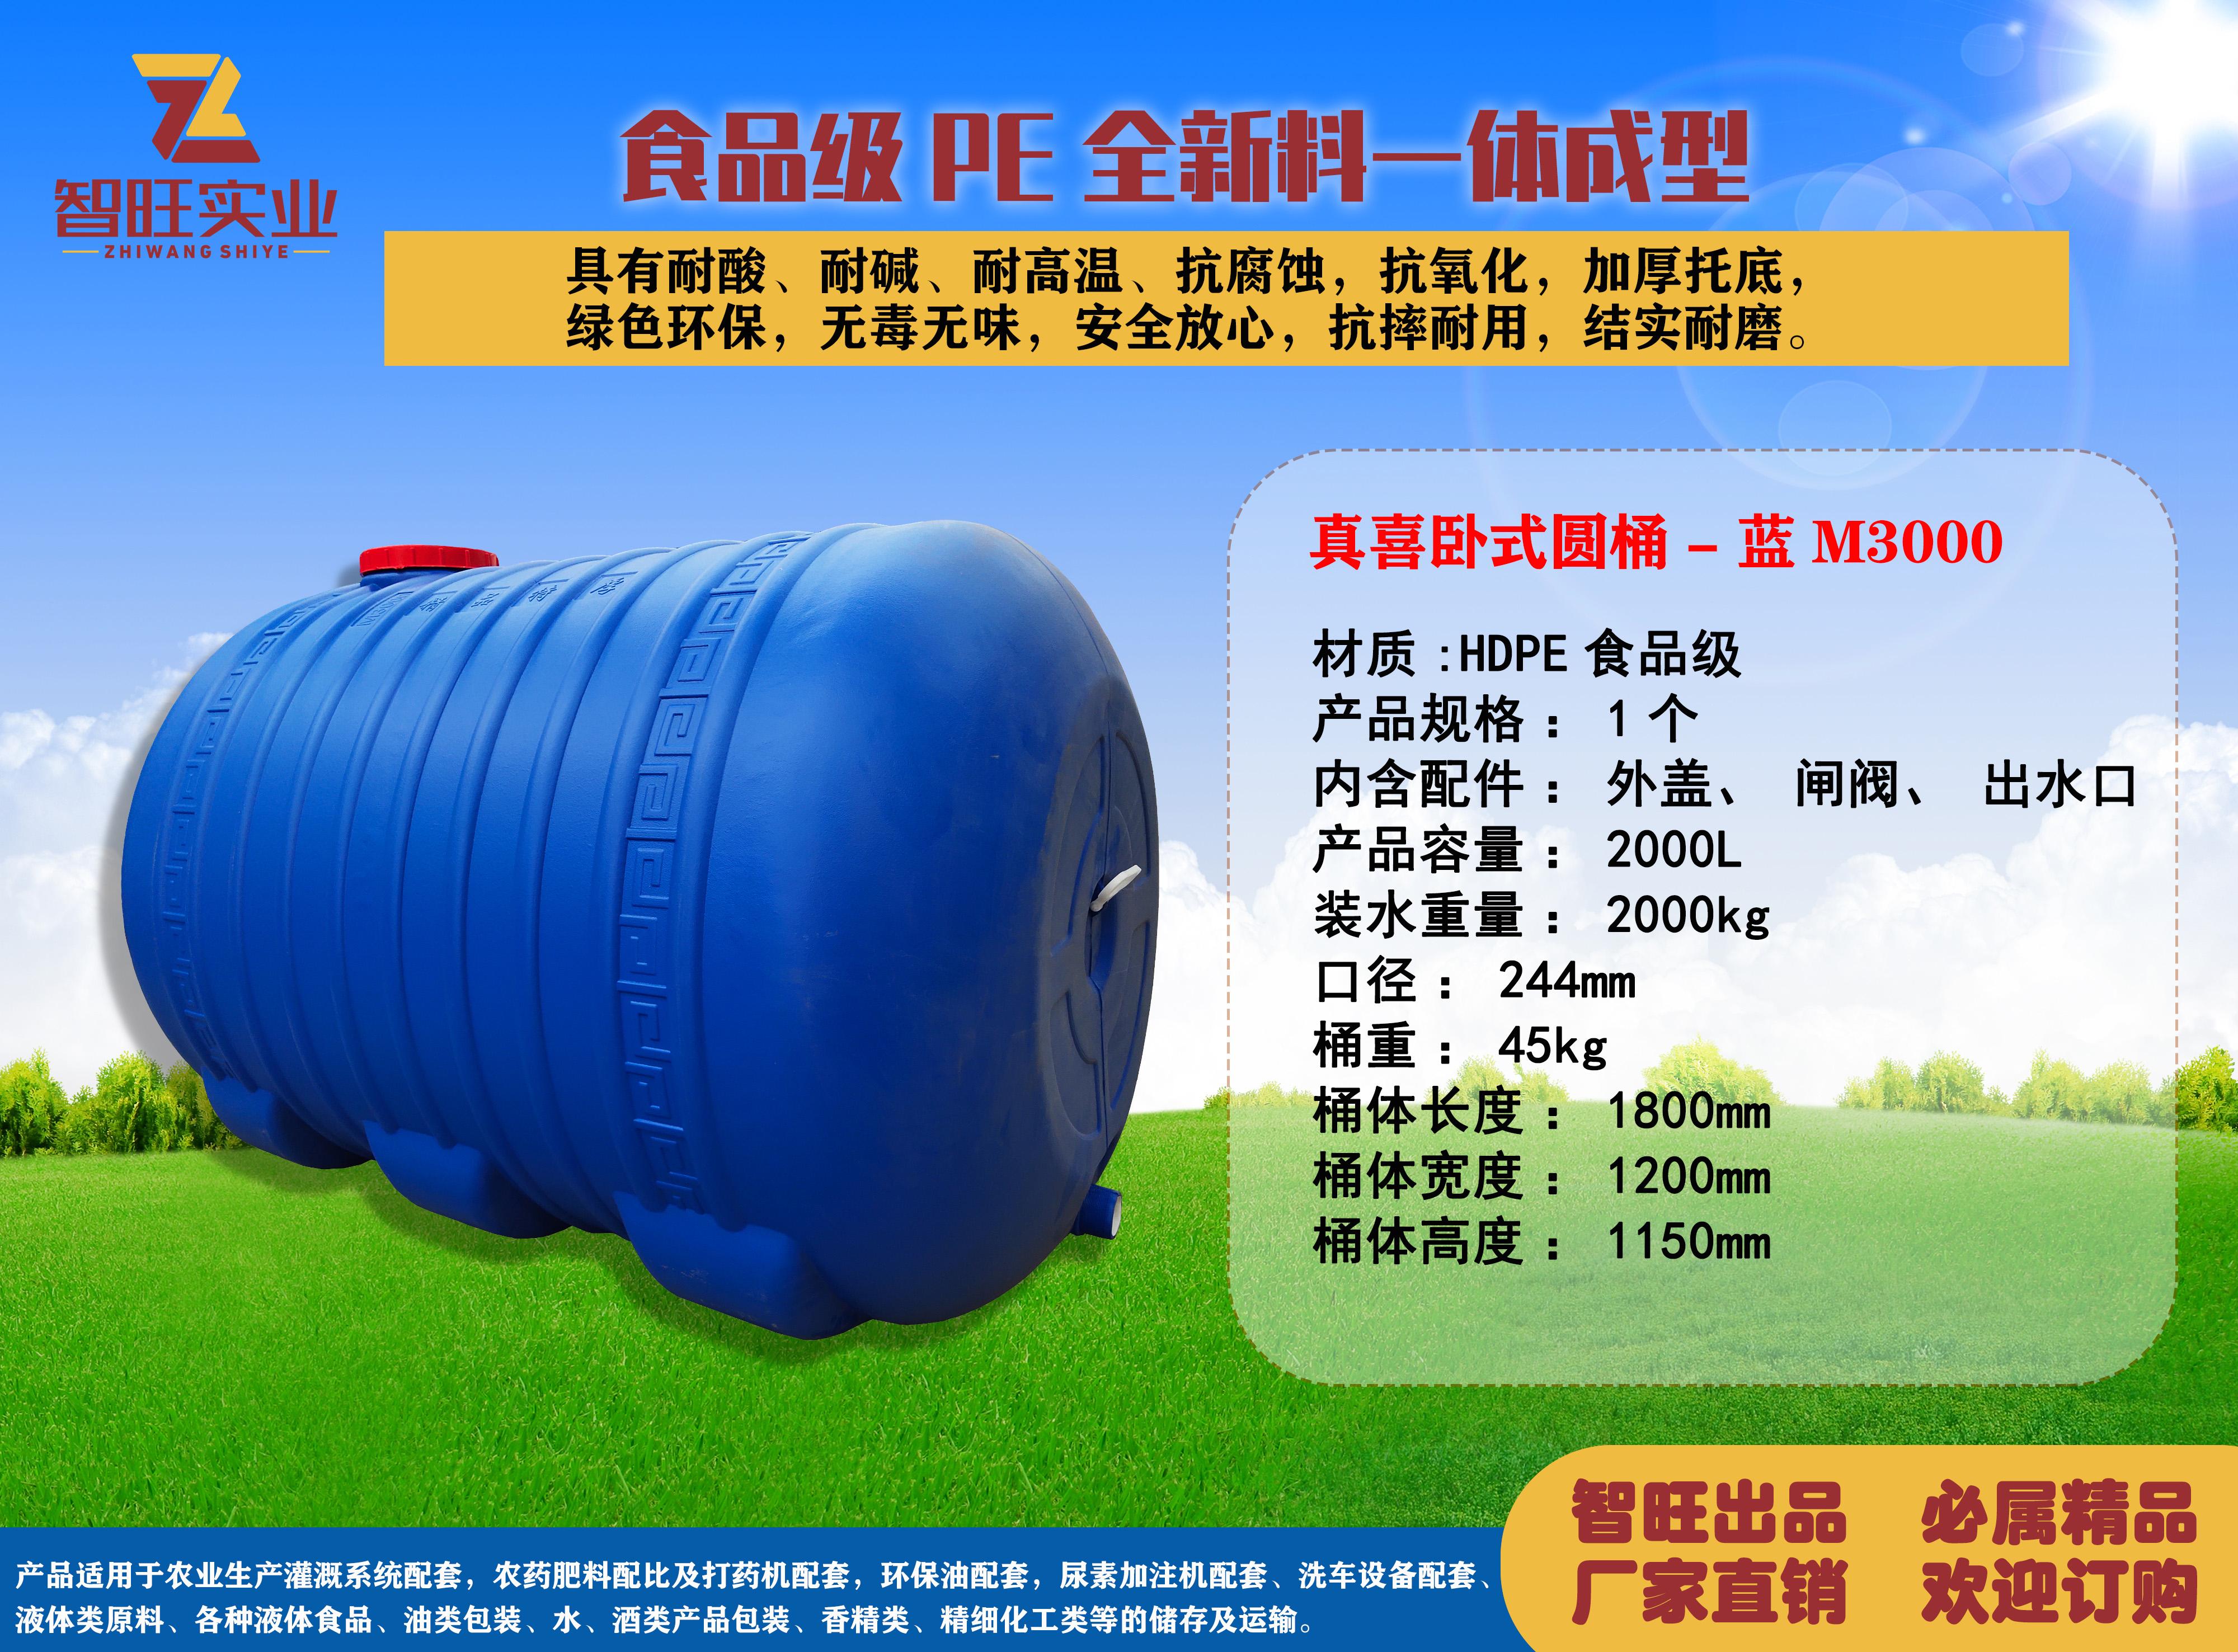 真喜臥式圓桶-藍M3000